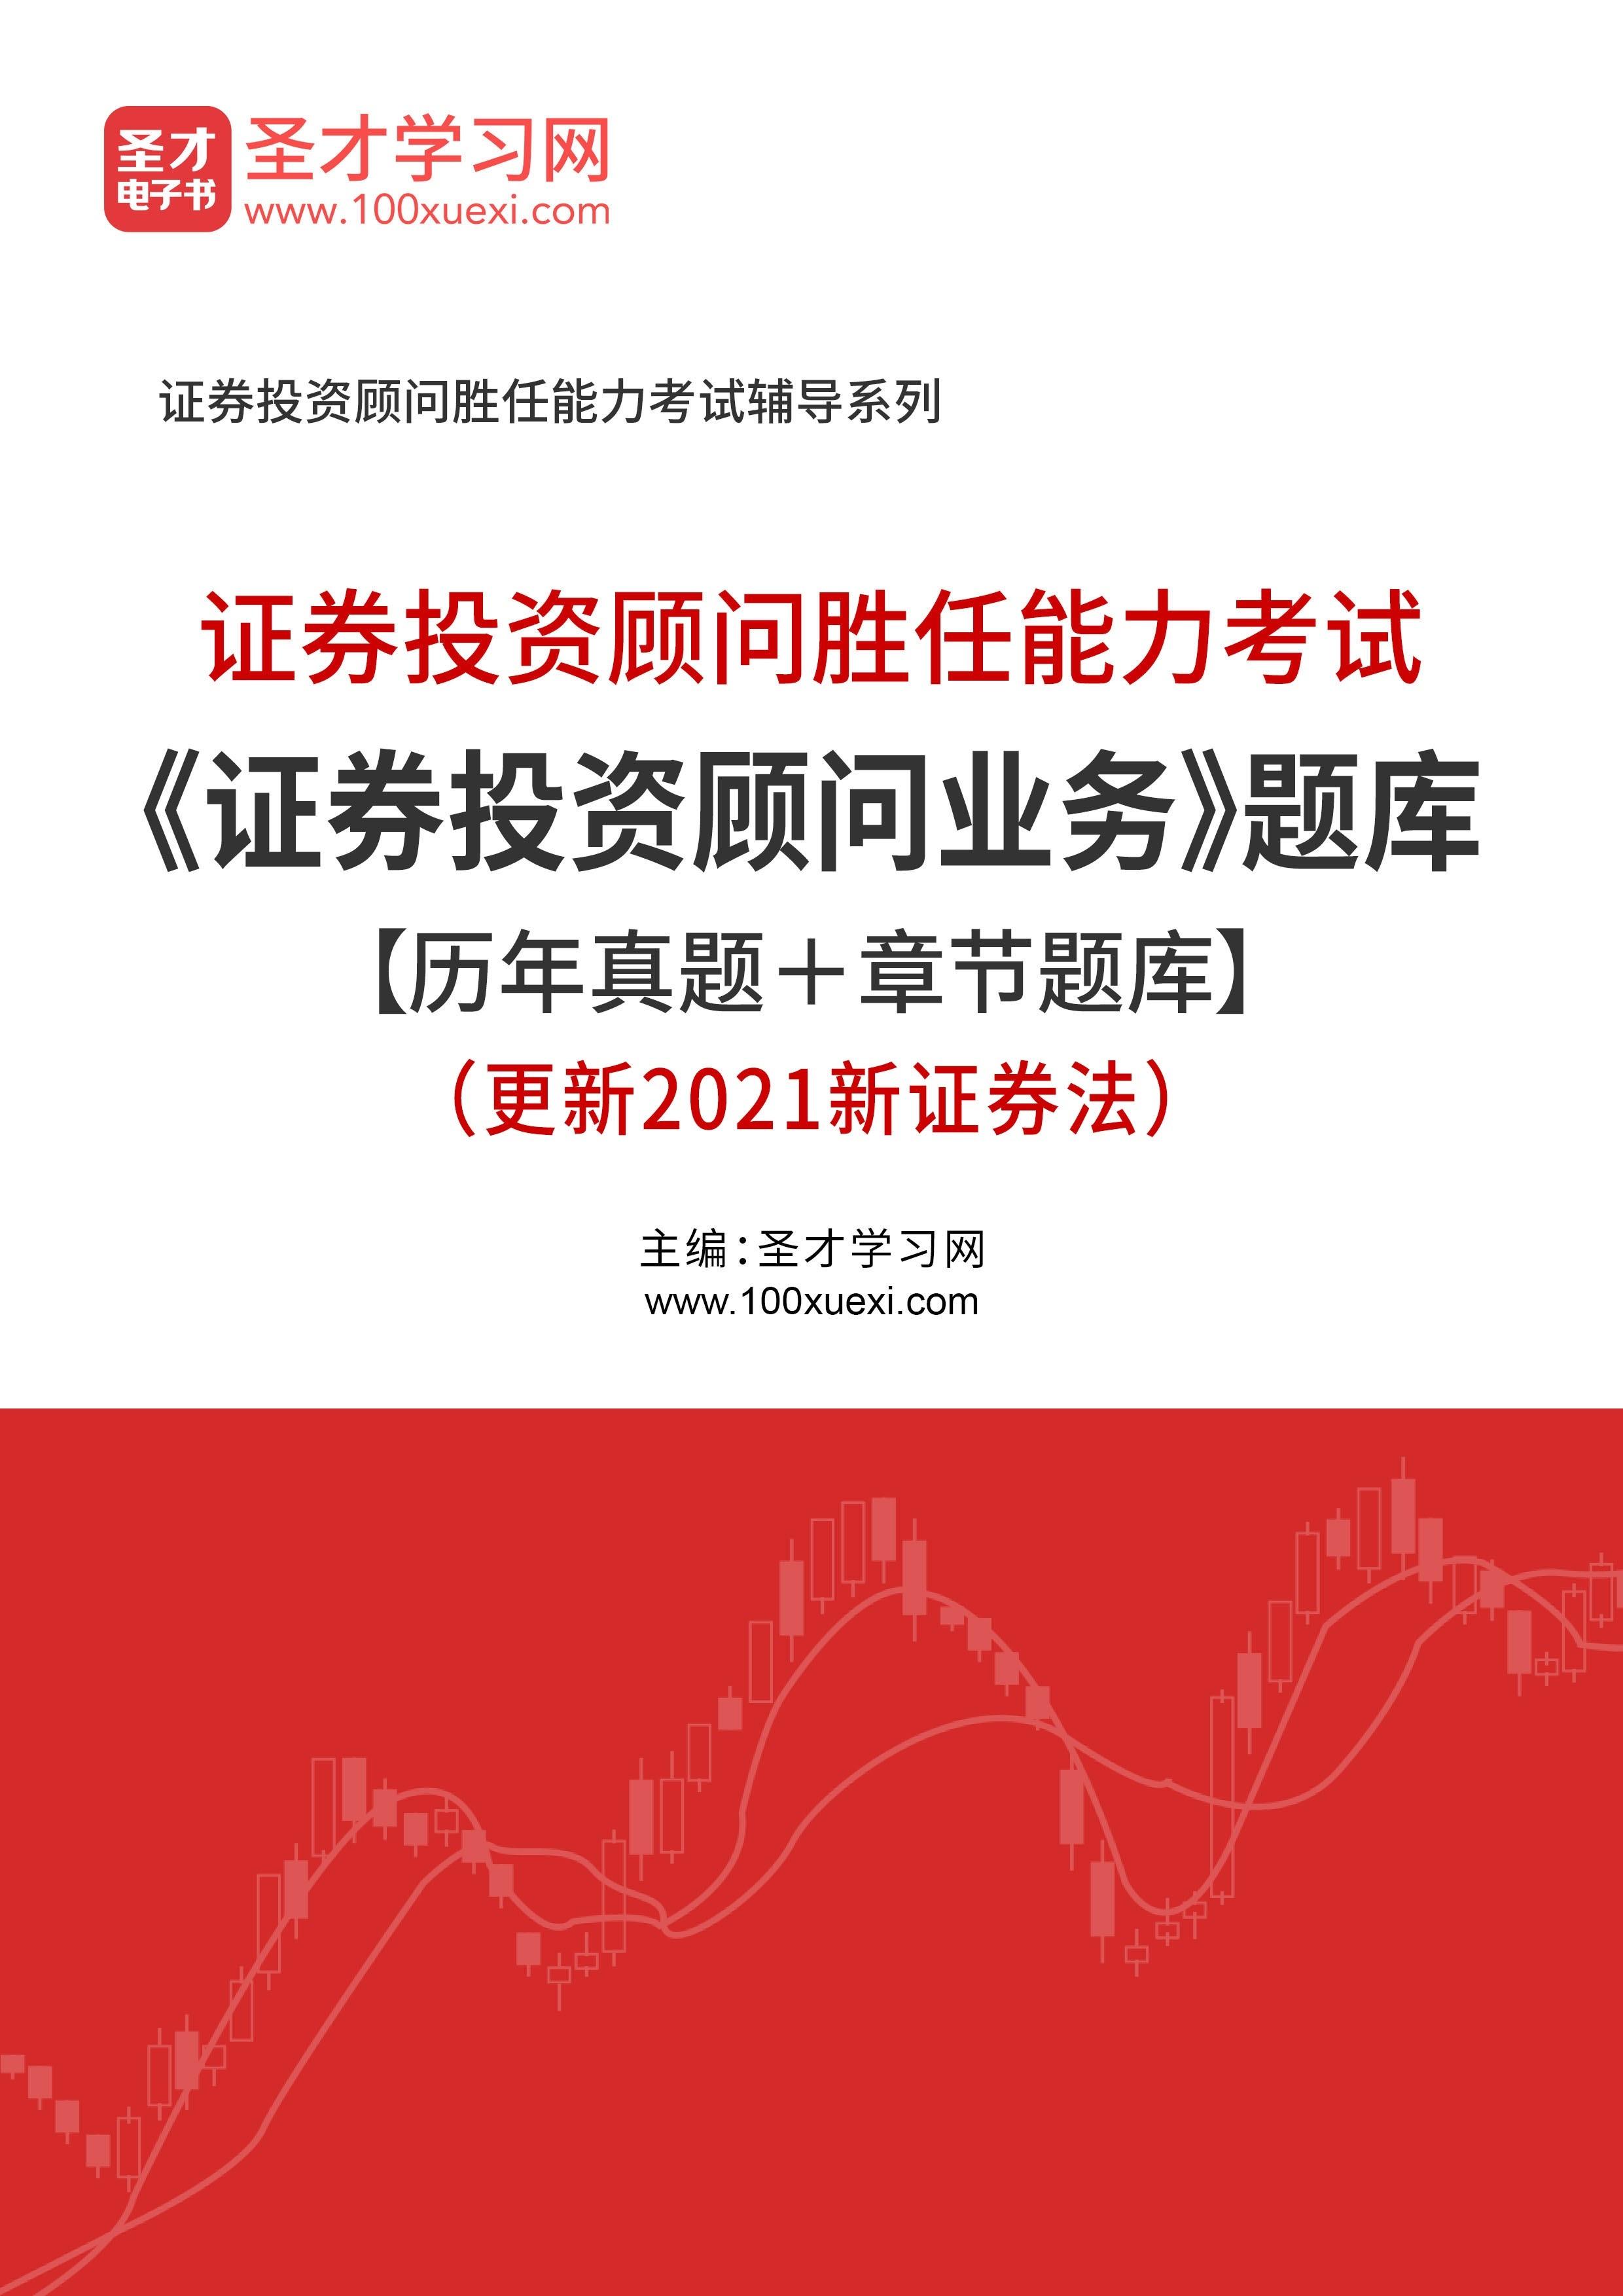 2021年證券投資顧問勝任能力考試《證券投資顧問業務》題庫【歷年真題+章節題庫】